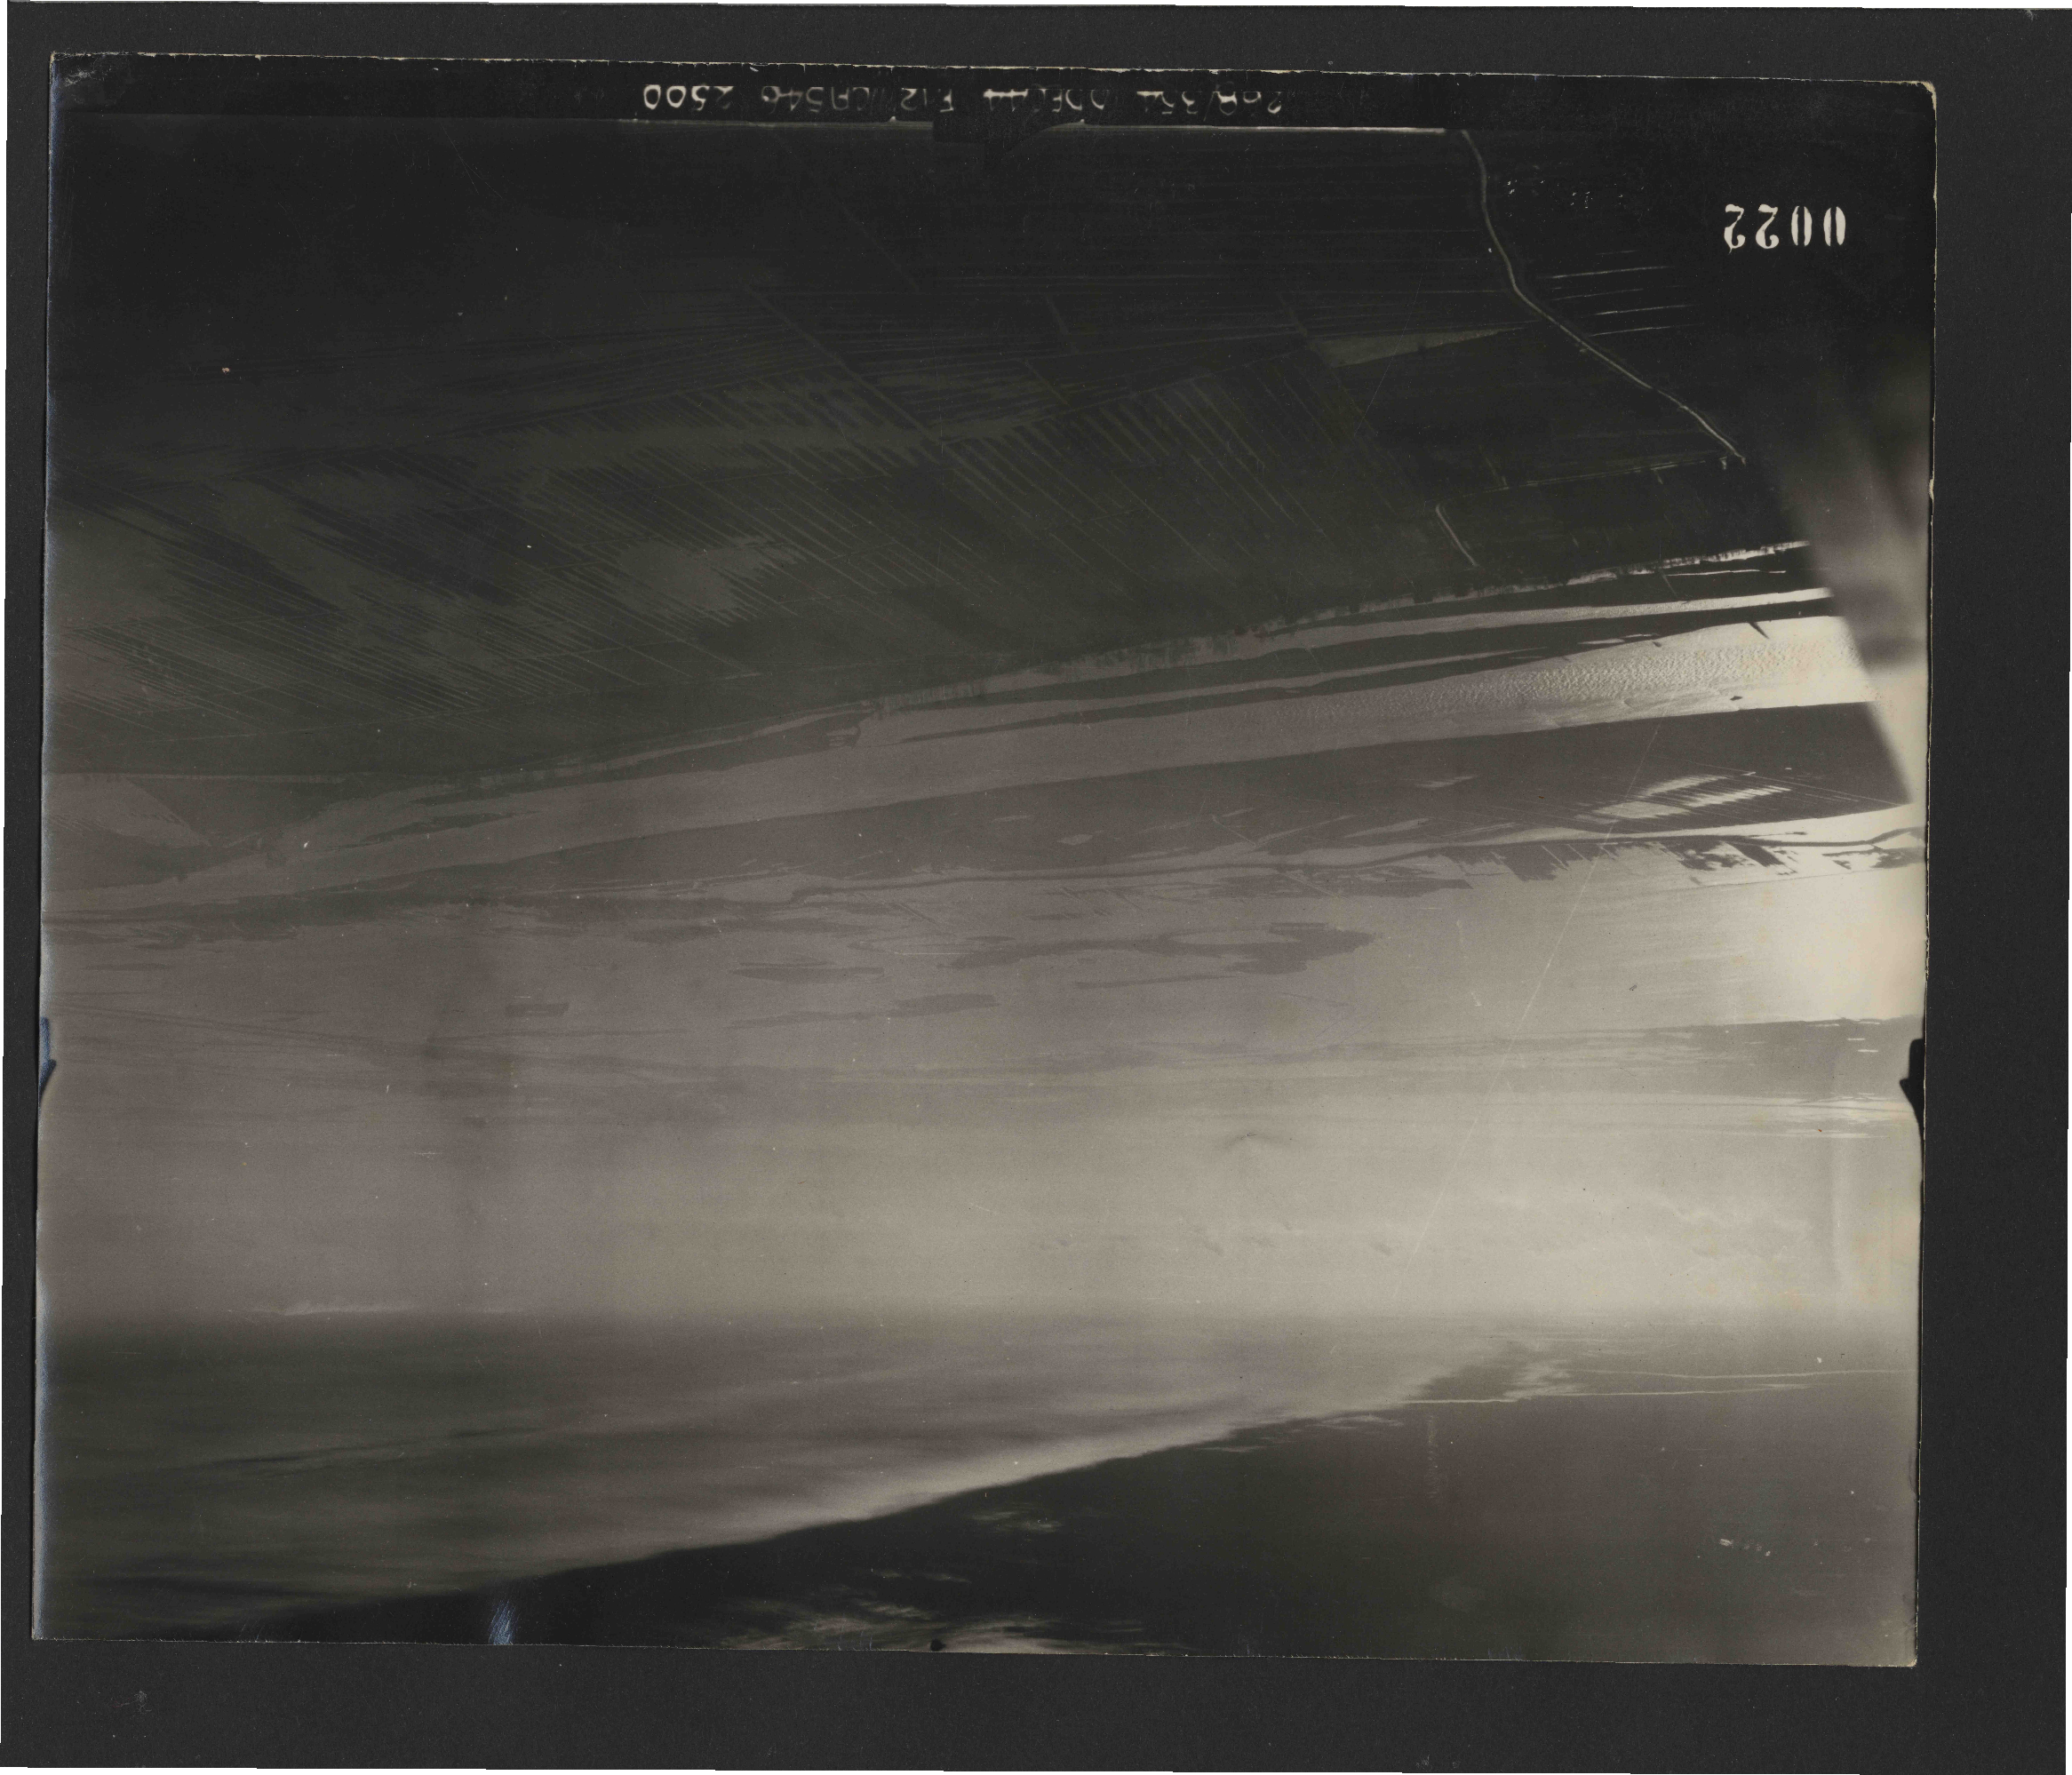 Collection RAF aerial photos 1940-1945 - flight 549, run 01, photo 0022